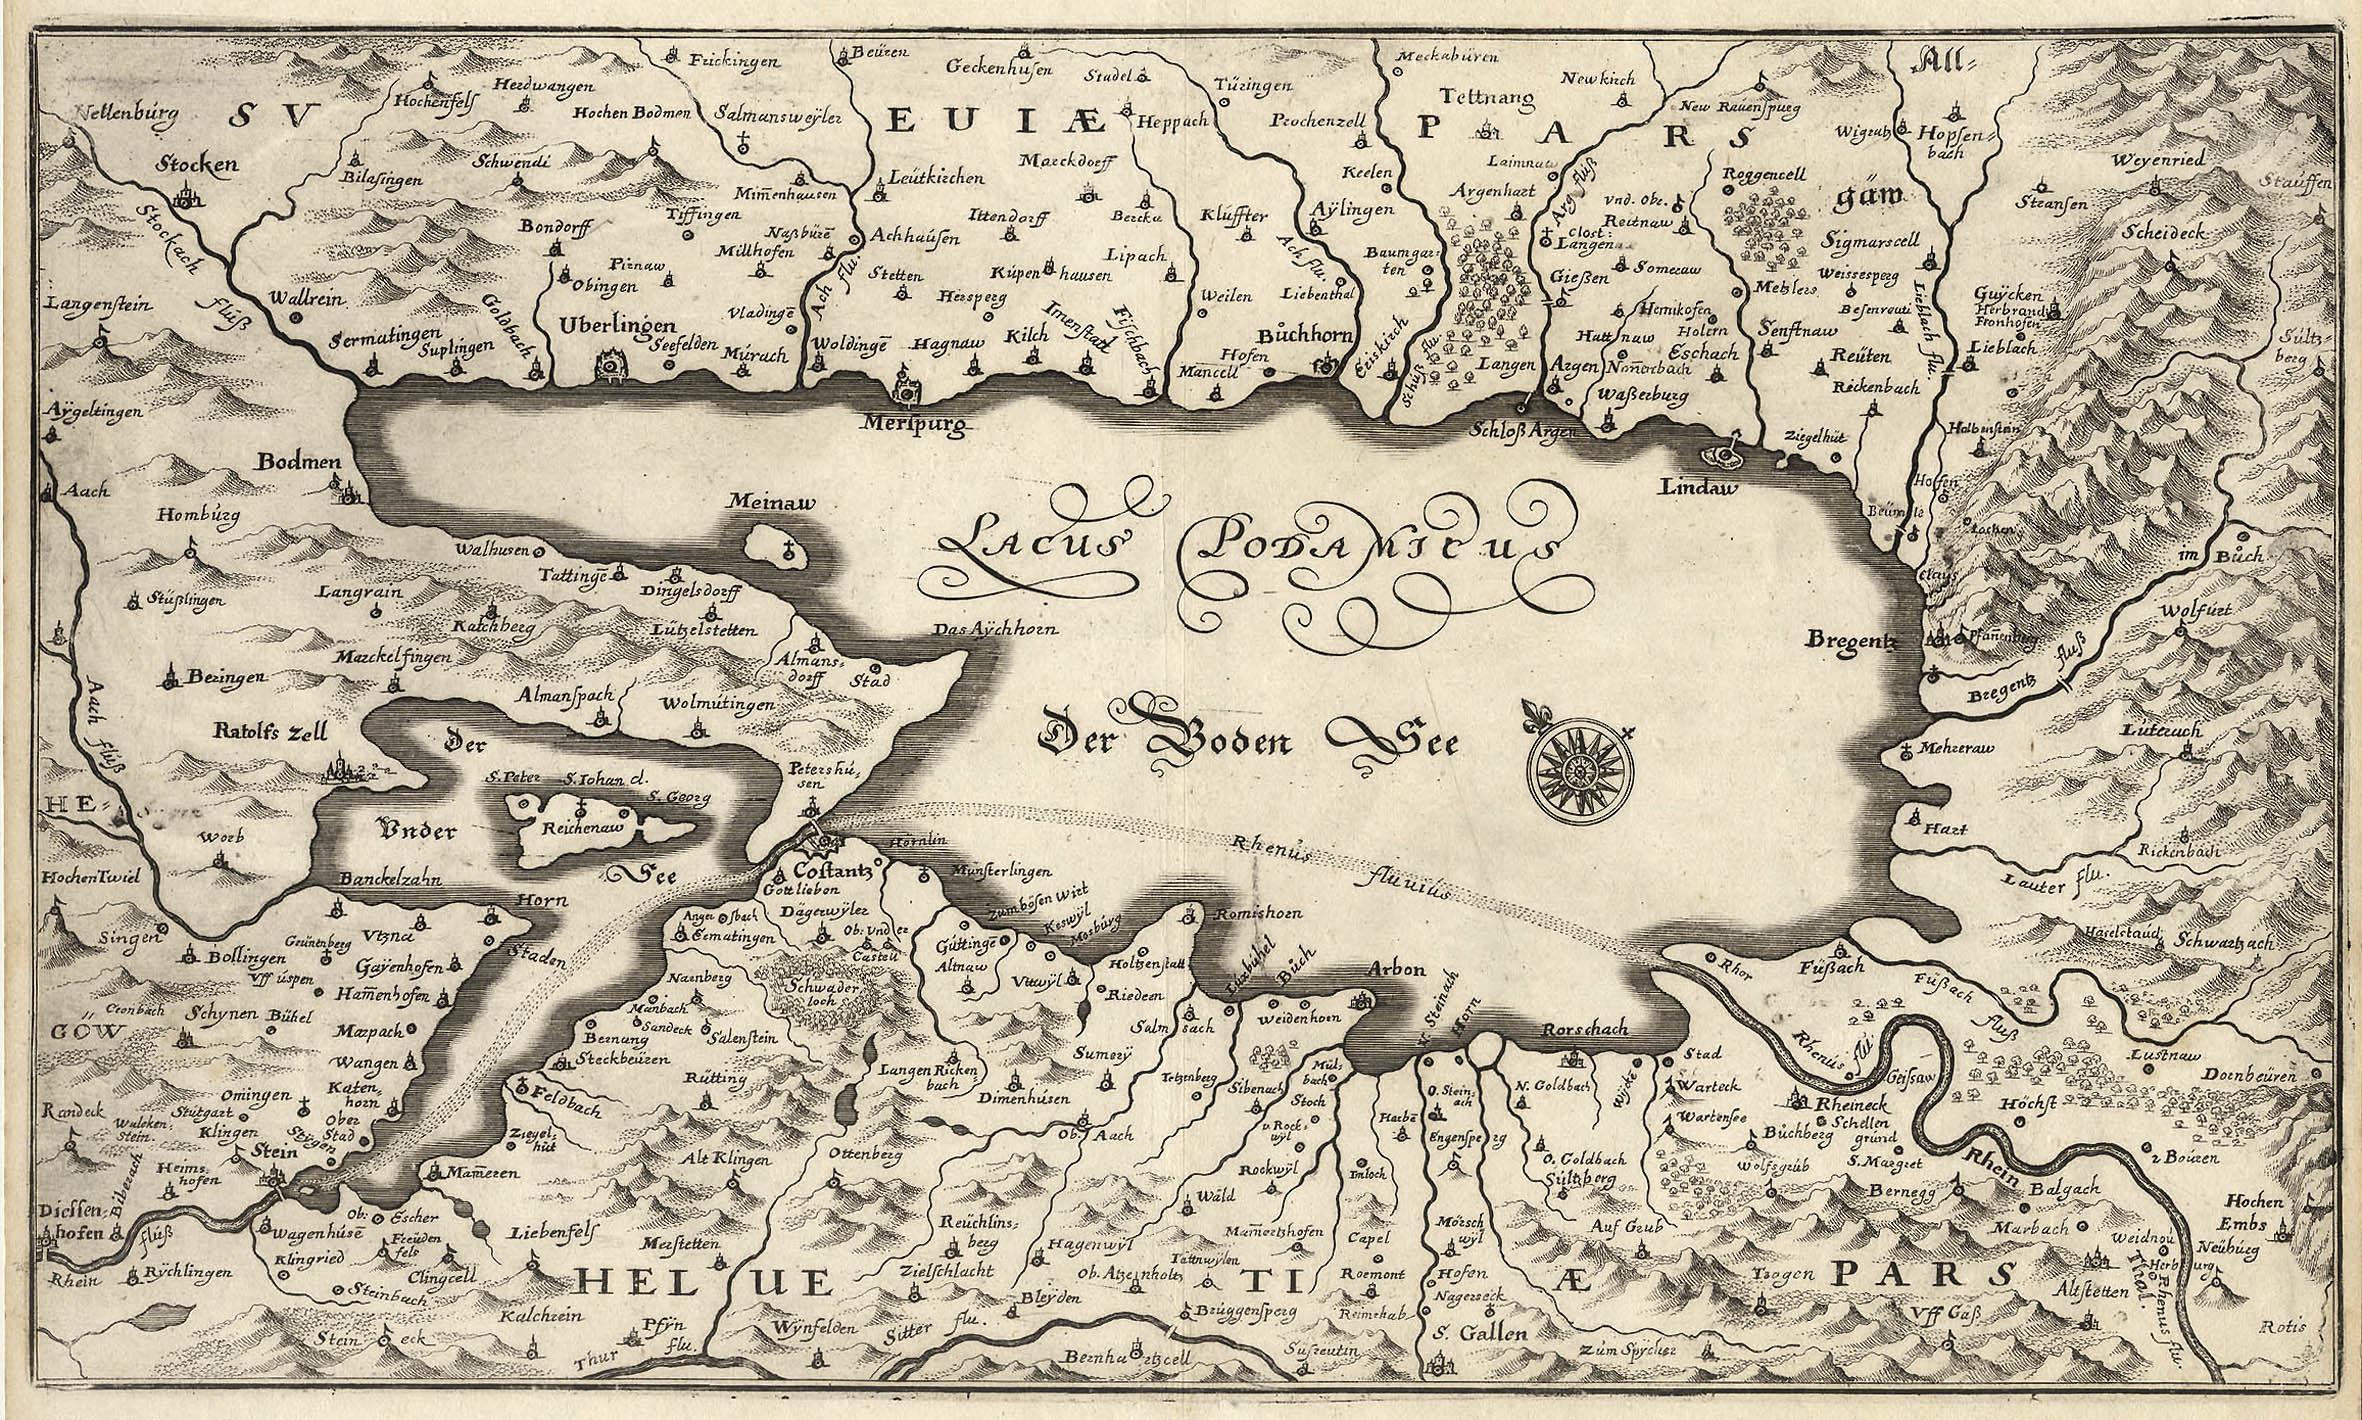 Bodensee Karte.File Bodensee Karte Merian 1672 Jpg Wikimedia Commons